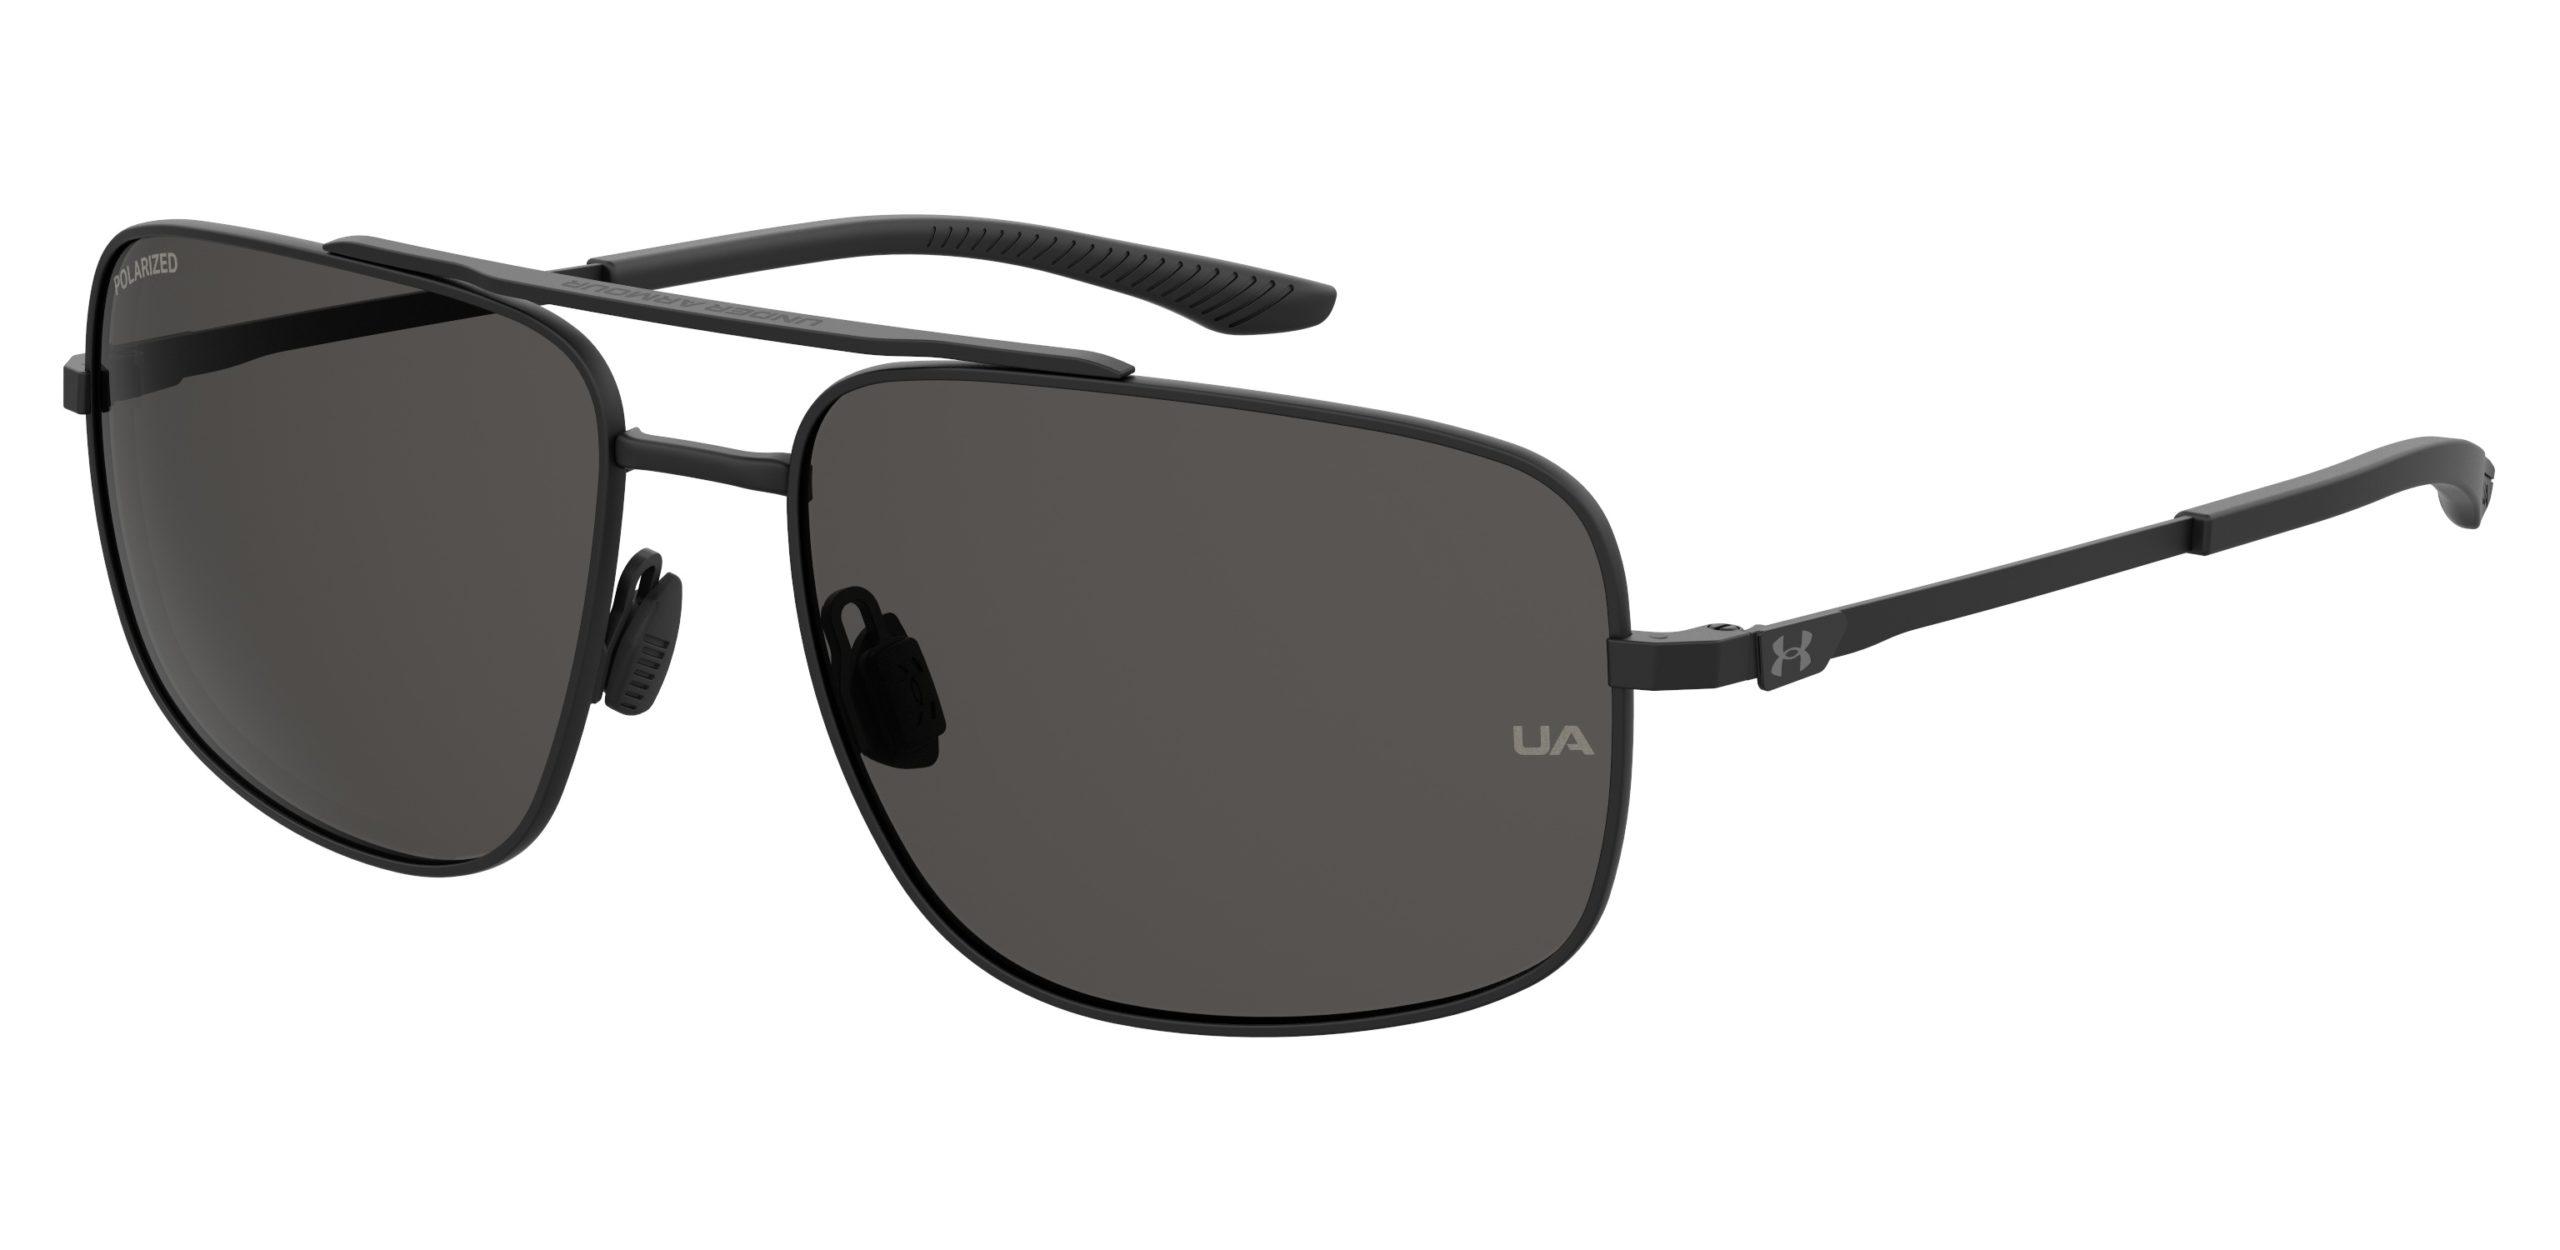 UA 0015/G/S